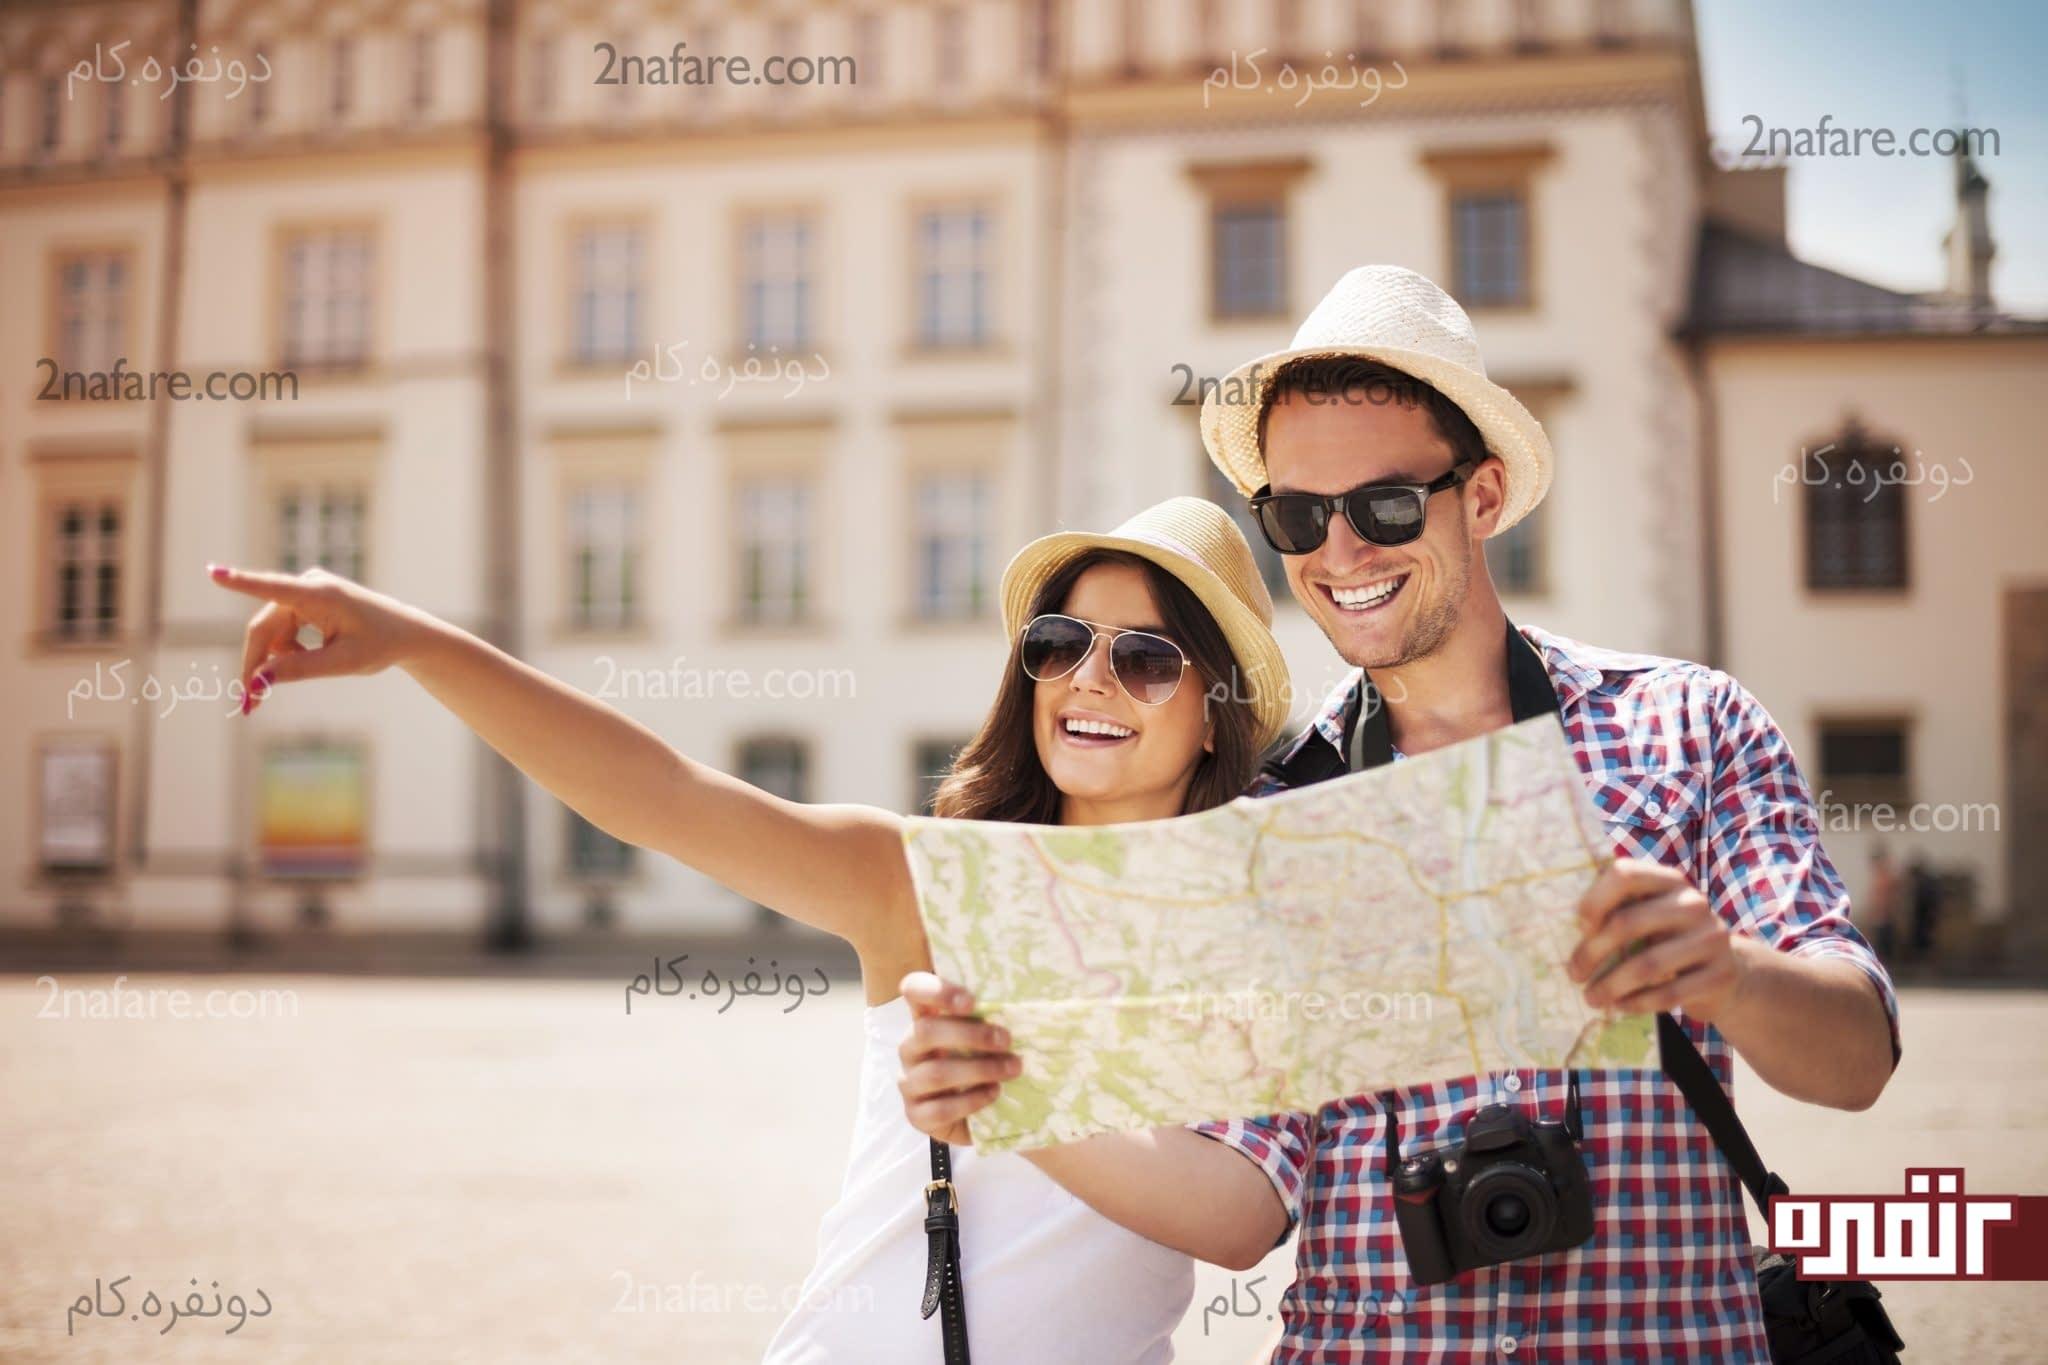 آیا برای نوروز برنامه ی مسافرت دارید؟( 7 مزیت سفر کردن)